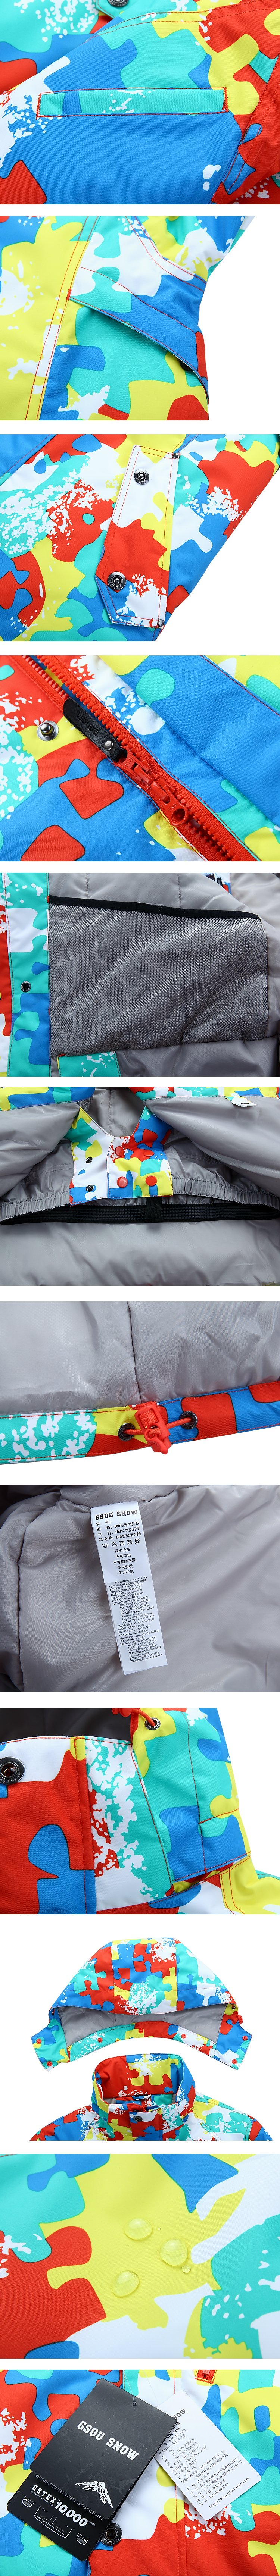 Мужские ветрозащитные недорогие зимние горнолыжные, сноубордические куртки GSOU SNOW, мужская горнолыжная экипировка, горнолыжная одежда с доставкой по россии, купить недорогую мужскую горнолыжную куртку с доставкой по РФ, стильная ветрозащитная дышащая водонепроницаемая куртка для катания на лыжах и сноуборде, купить лыжную мужскую куртку по недорогой цене из китая, модная горнолыжная куртка большого и маленького размера фото, горнолыжная экипировка, горнолыжная одежда, красивая спортивная сноубордическая куртка фото, мужская качественная хорошая и яркая горнолыжная куртка от производителя на сайте 2015, каталог стильных мужских костюмов и курток 2016